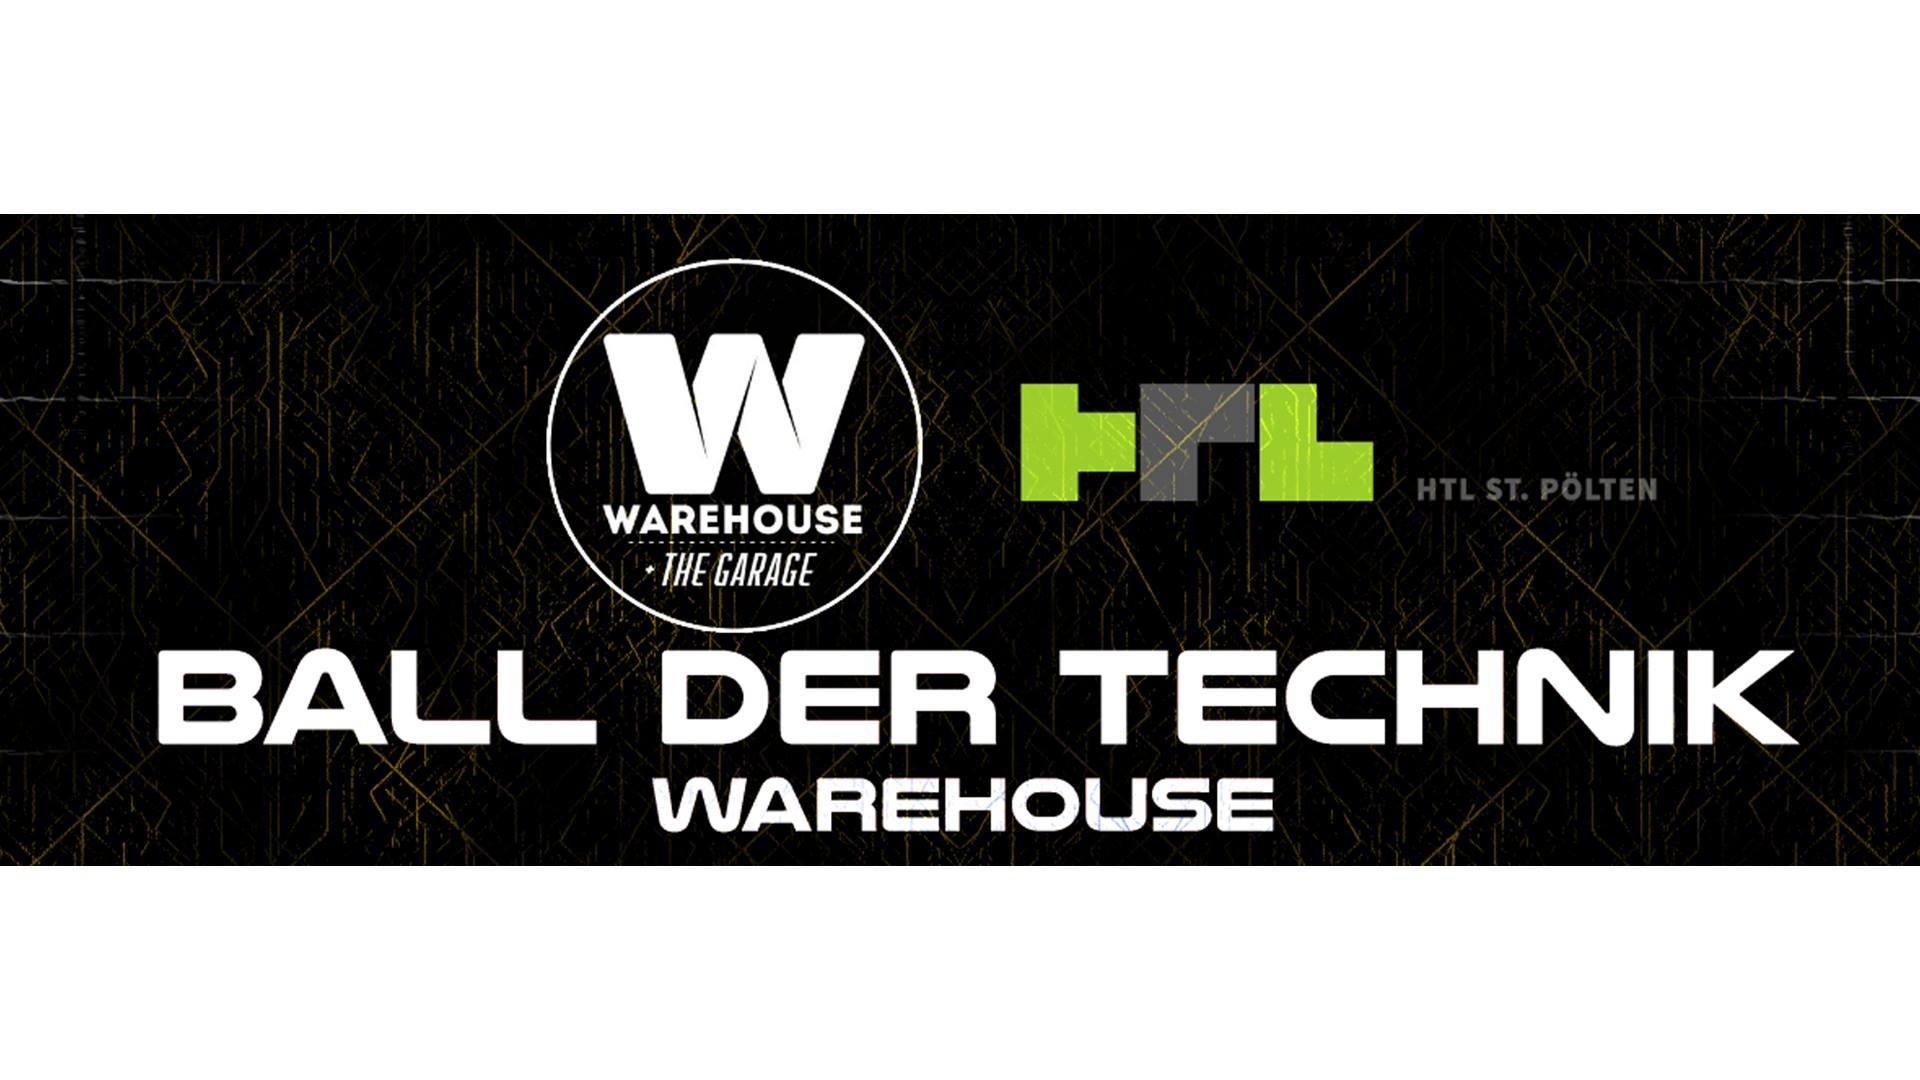 Ball der Technik 2019 Warehouse (Eingang VAZ)